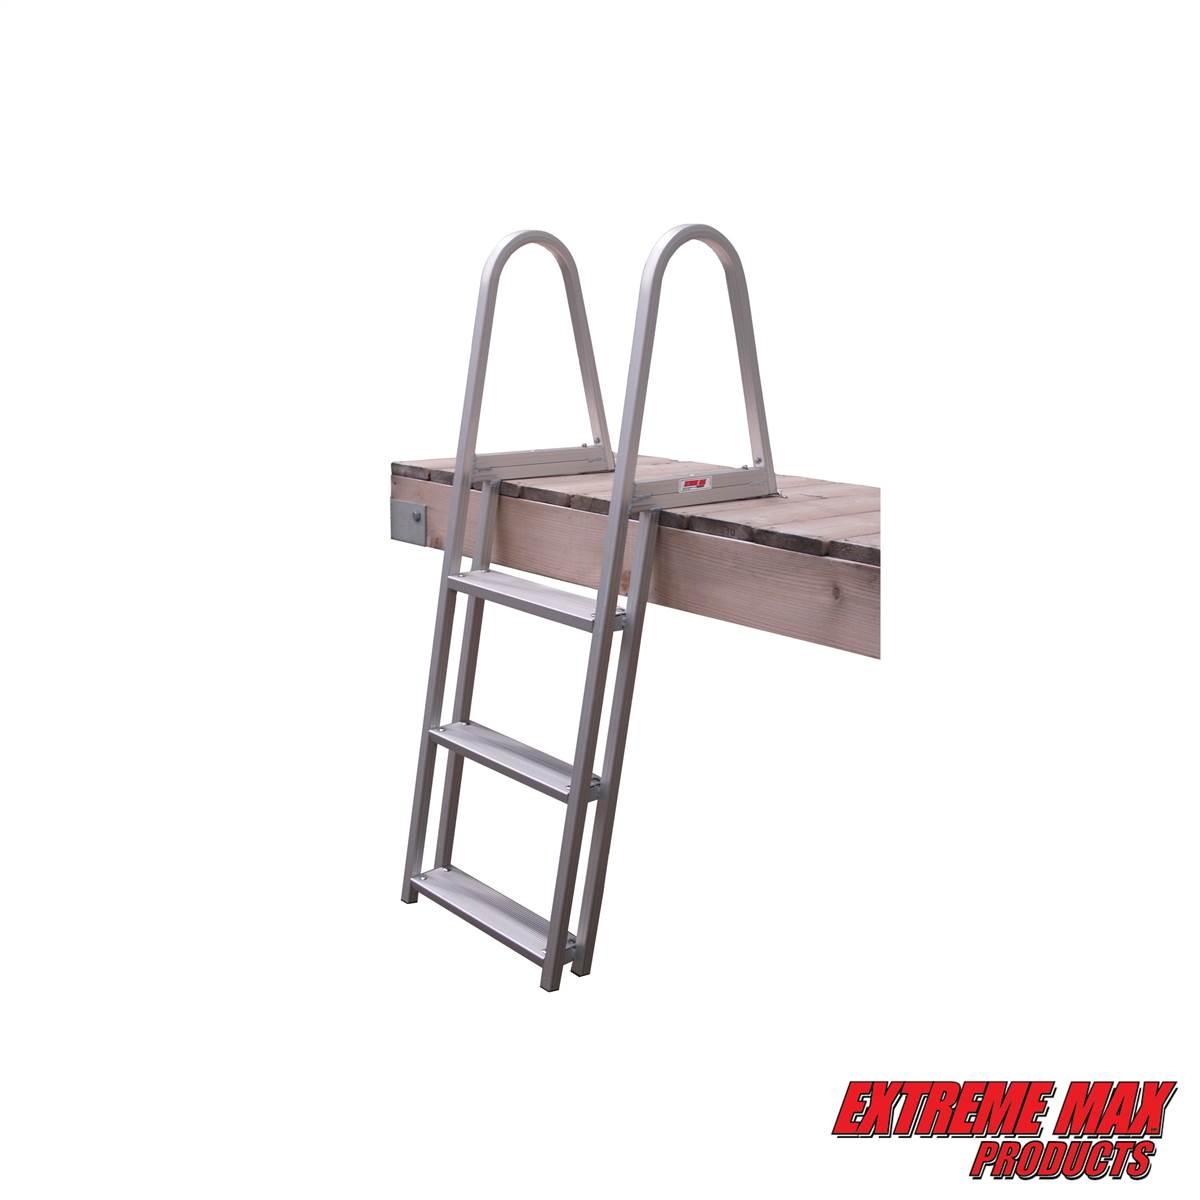 3005 3377 Pnt3 3005 3377 Pnt3 Extreme Max Boarding Ladder